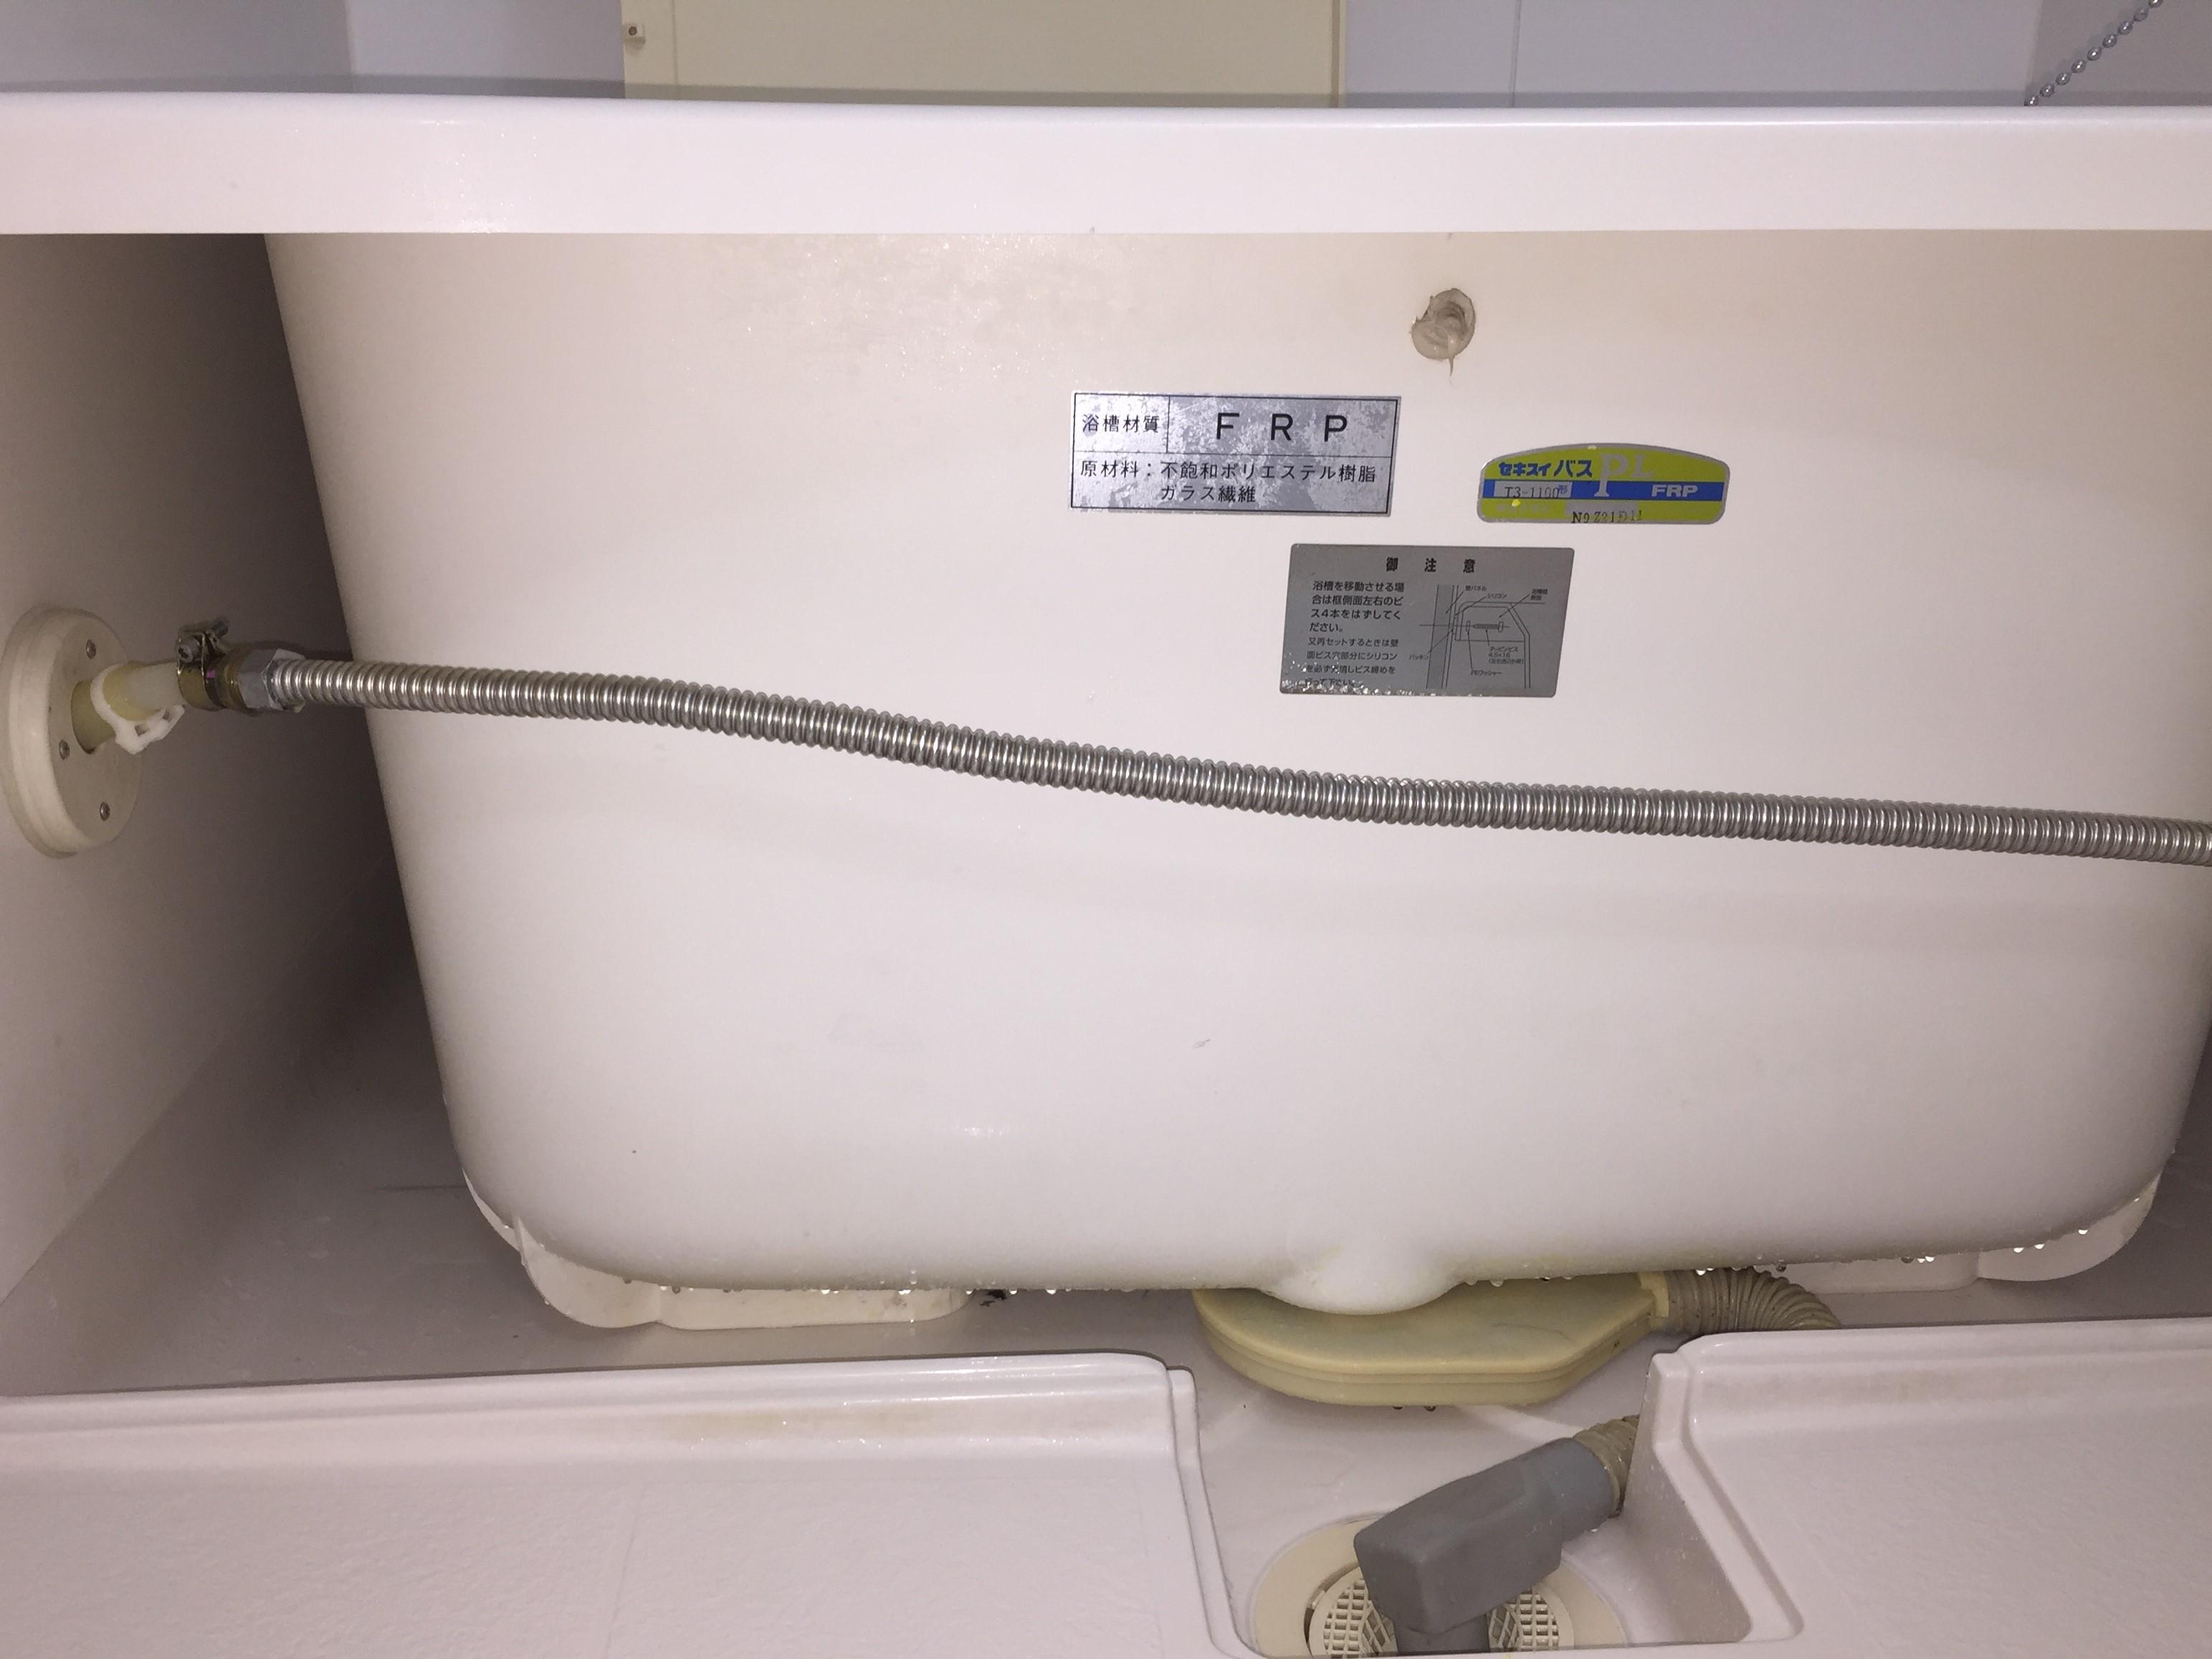 宝塚市 お風呂(浴室)ハウスクリーニング/お掃除 おそうじプラス